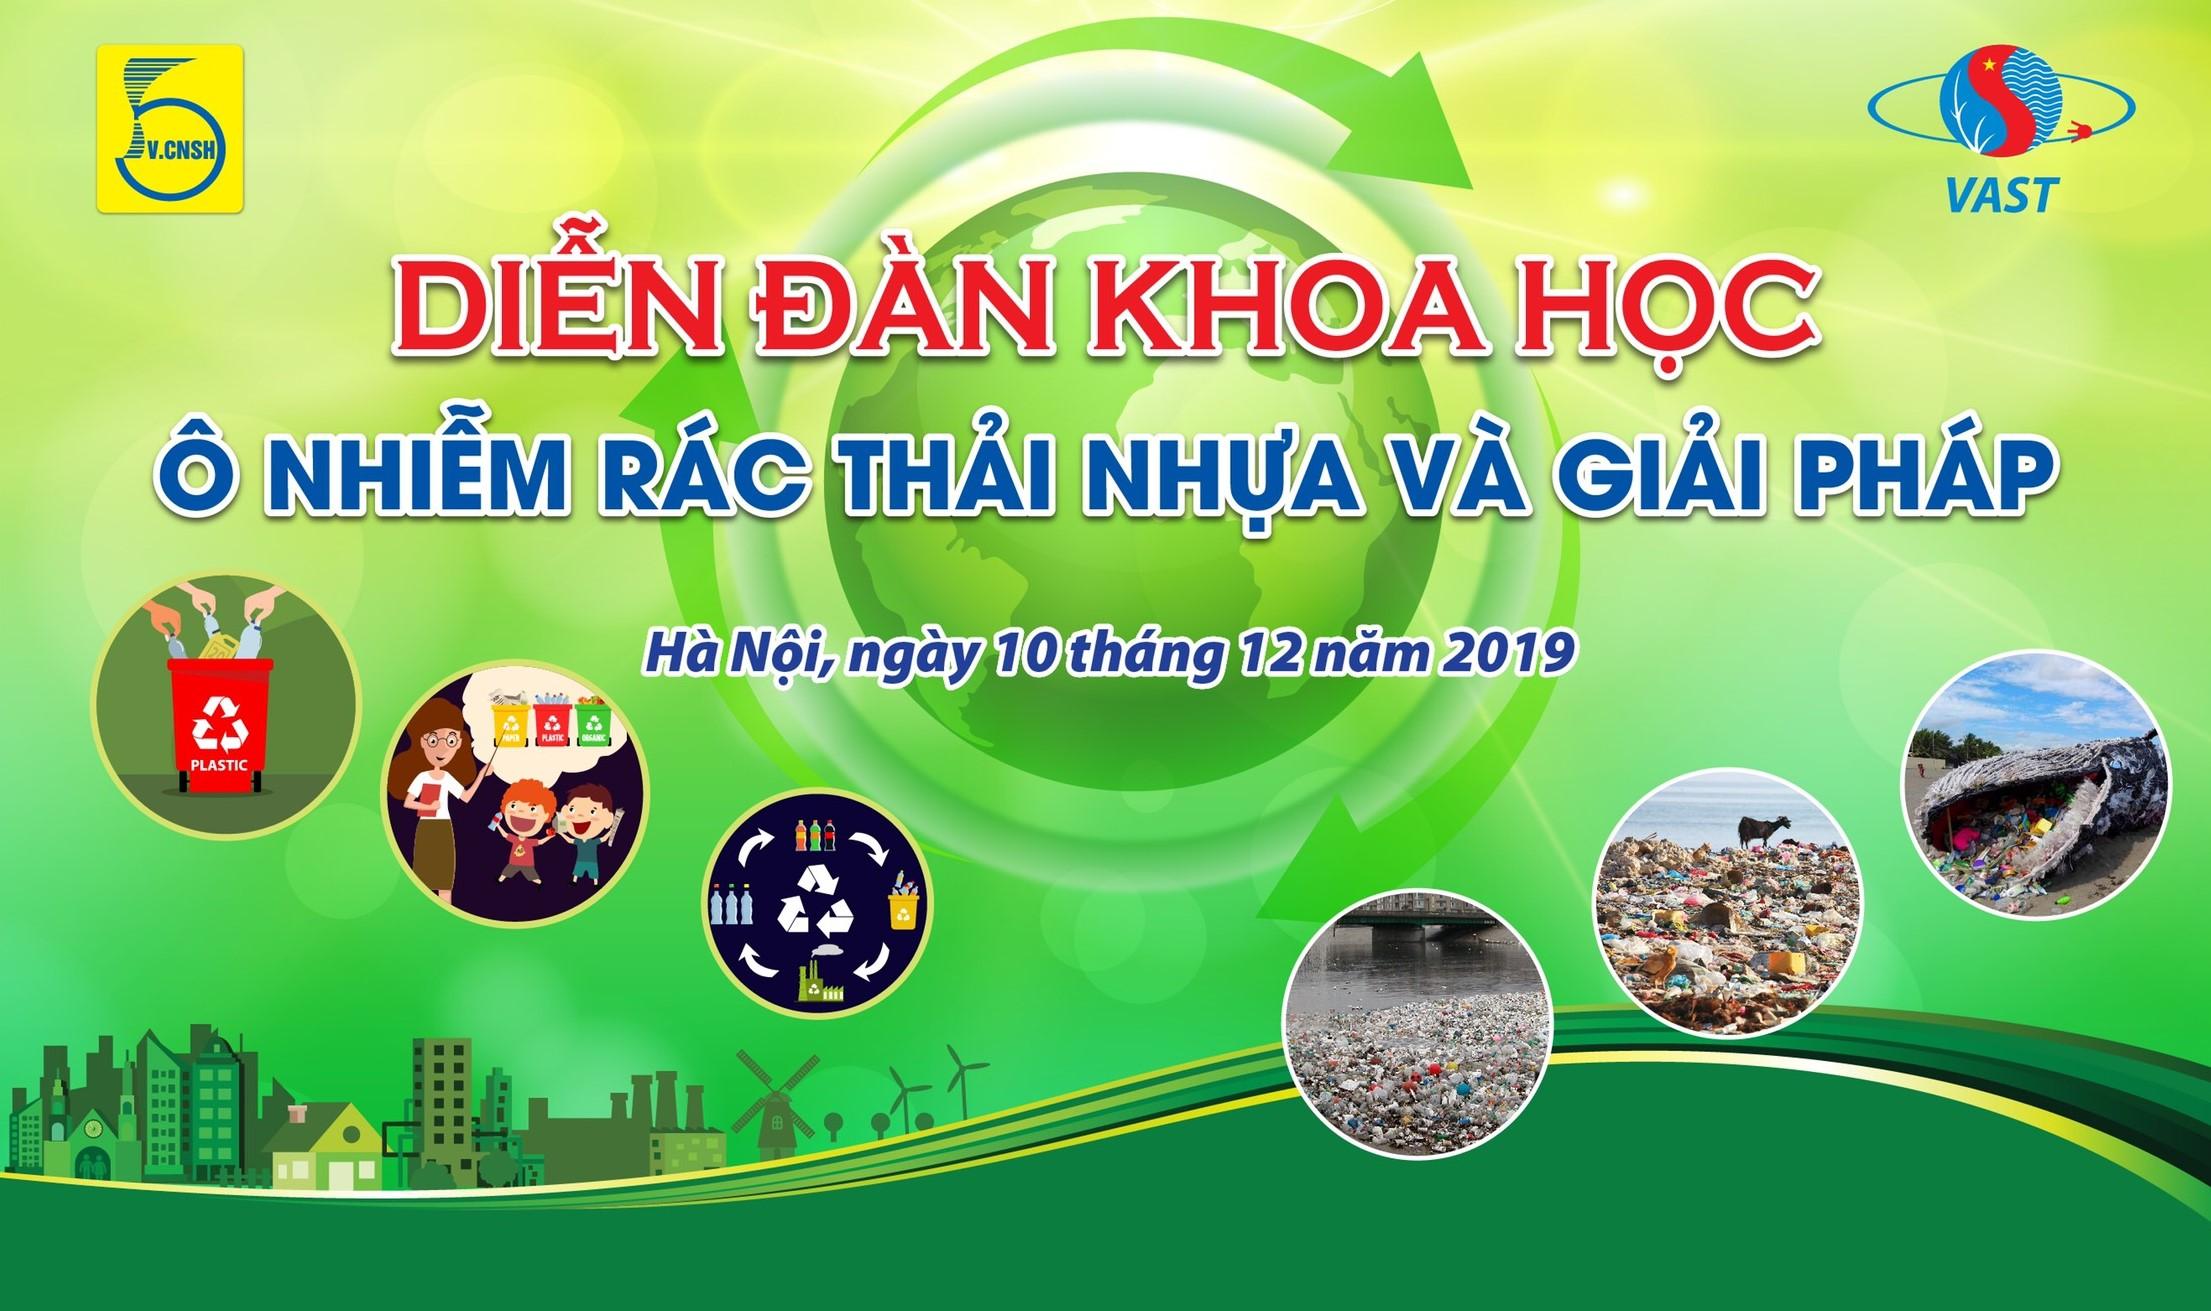 Viện Công nghệ sinh học, Viện Hàn lâm Khoa học và Công nghệ Việt Nam: Thông báo Diễn đàn khoa học